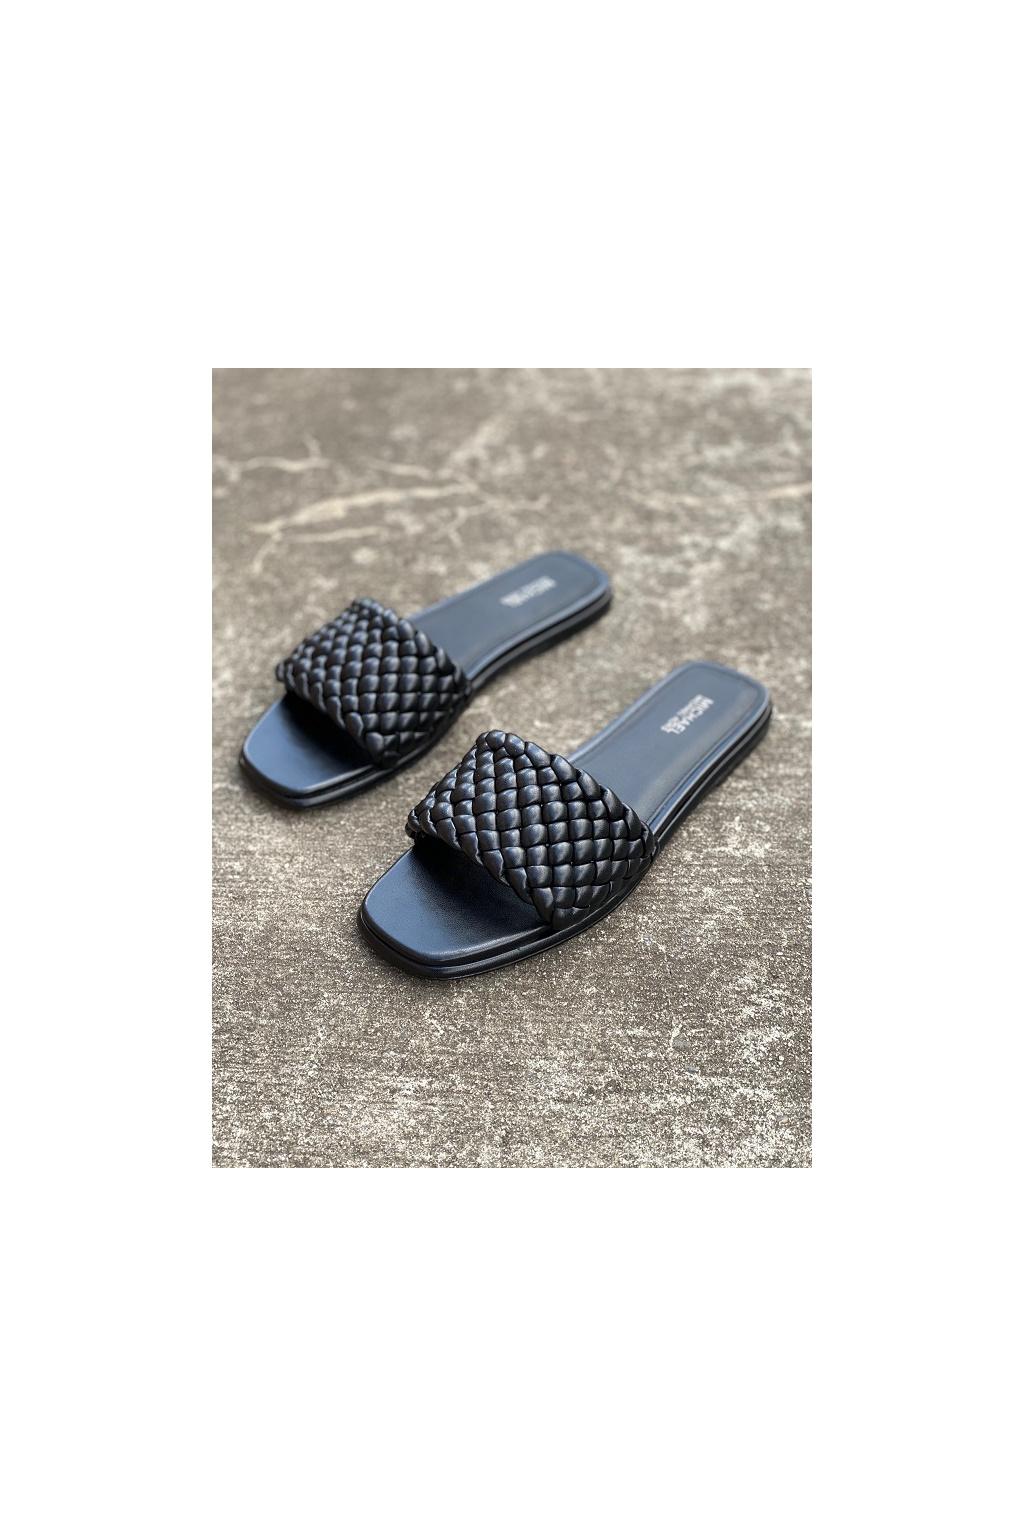 Dámské sandály Michael Kors Amelia Nappa Faux Leather černé